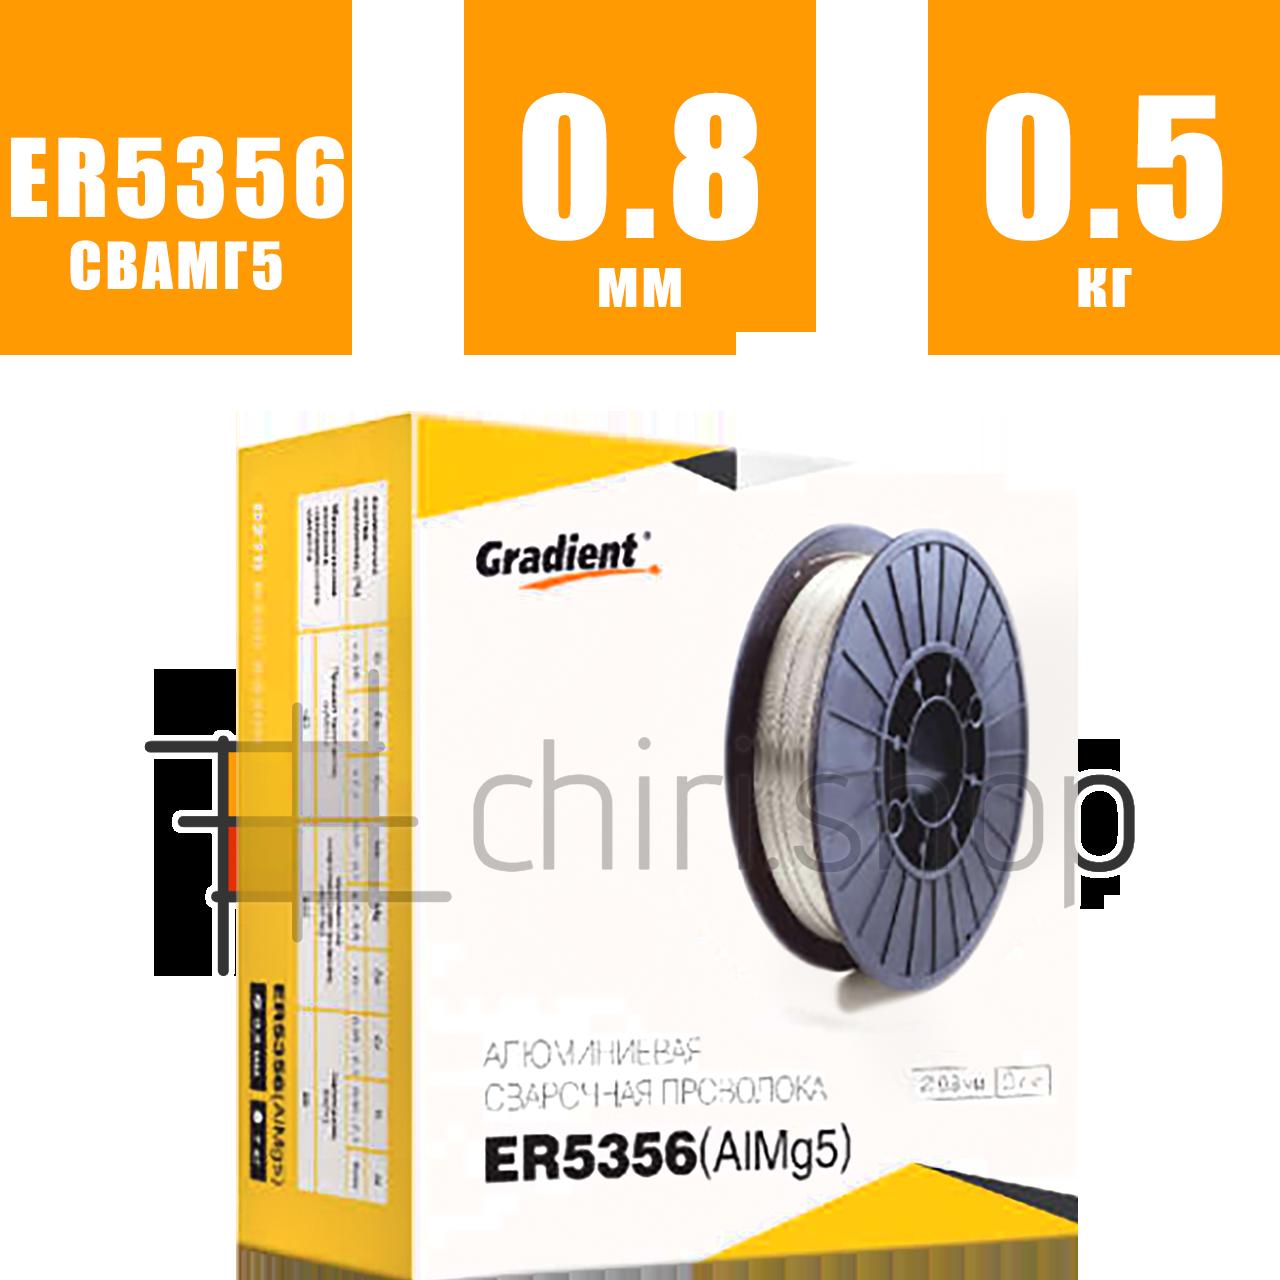 Сварочная проволока СвАМг5 (ER5356) 0.8 мм 0.5 кг, алюминиевая проволока Gradient, проволока для сварки